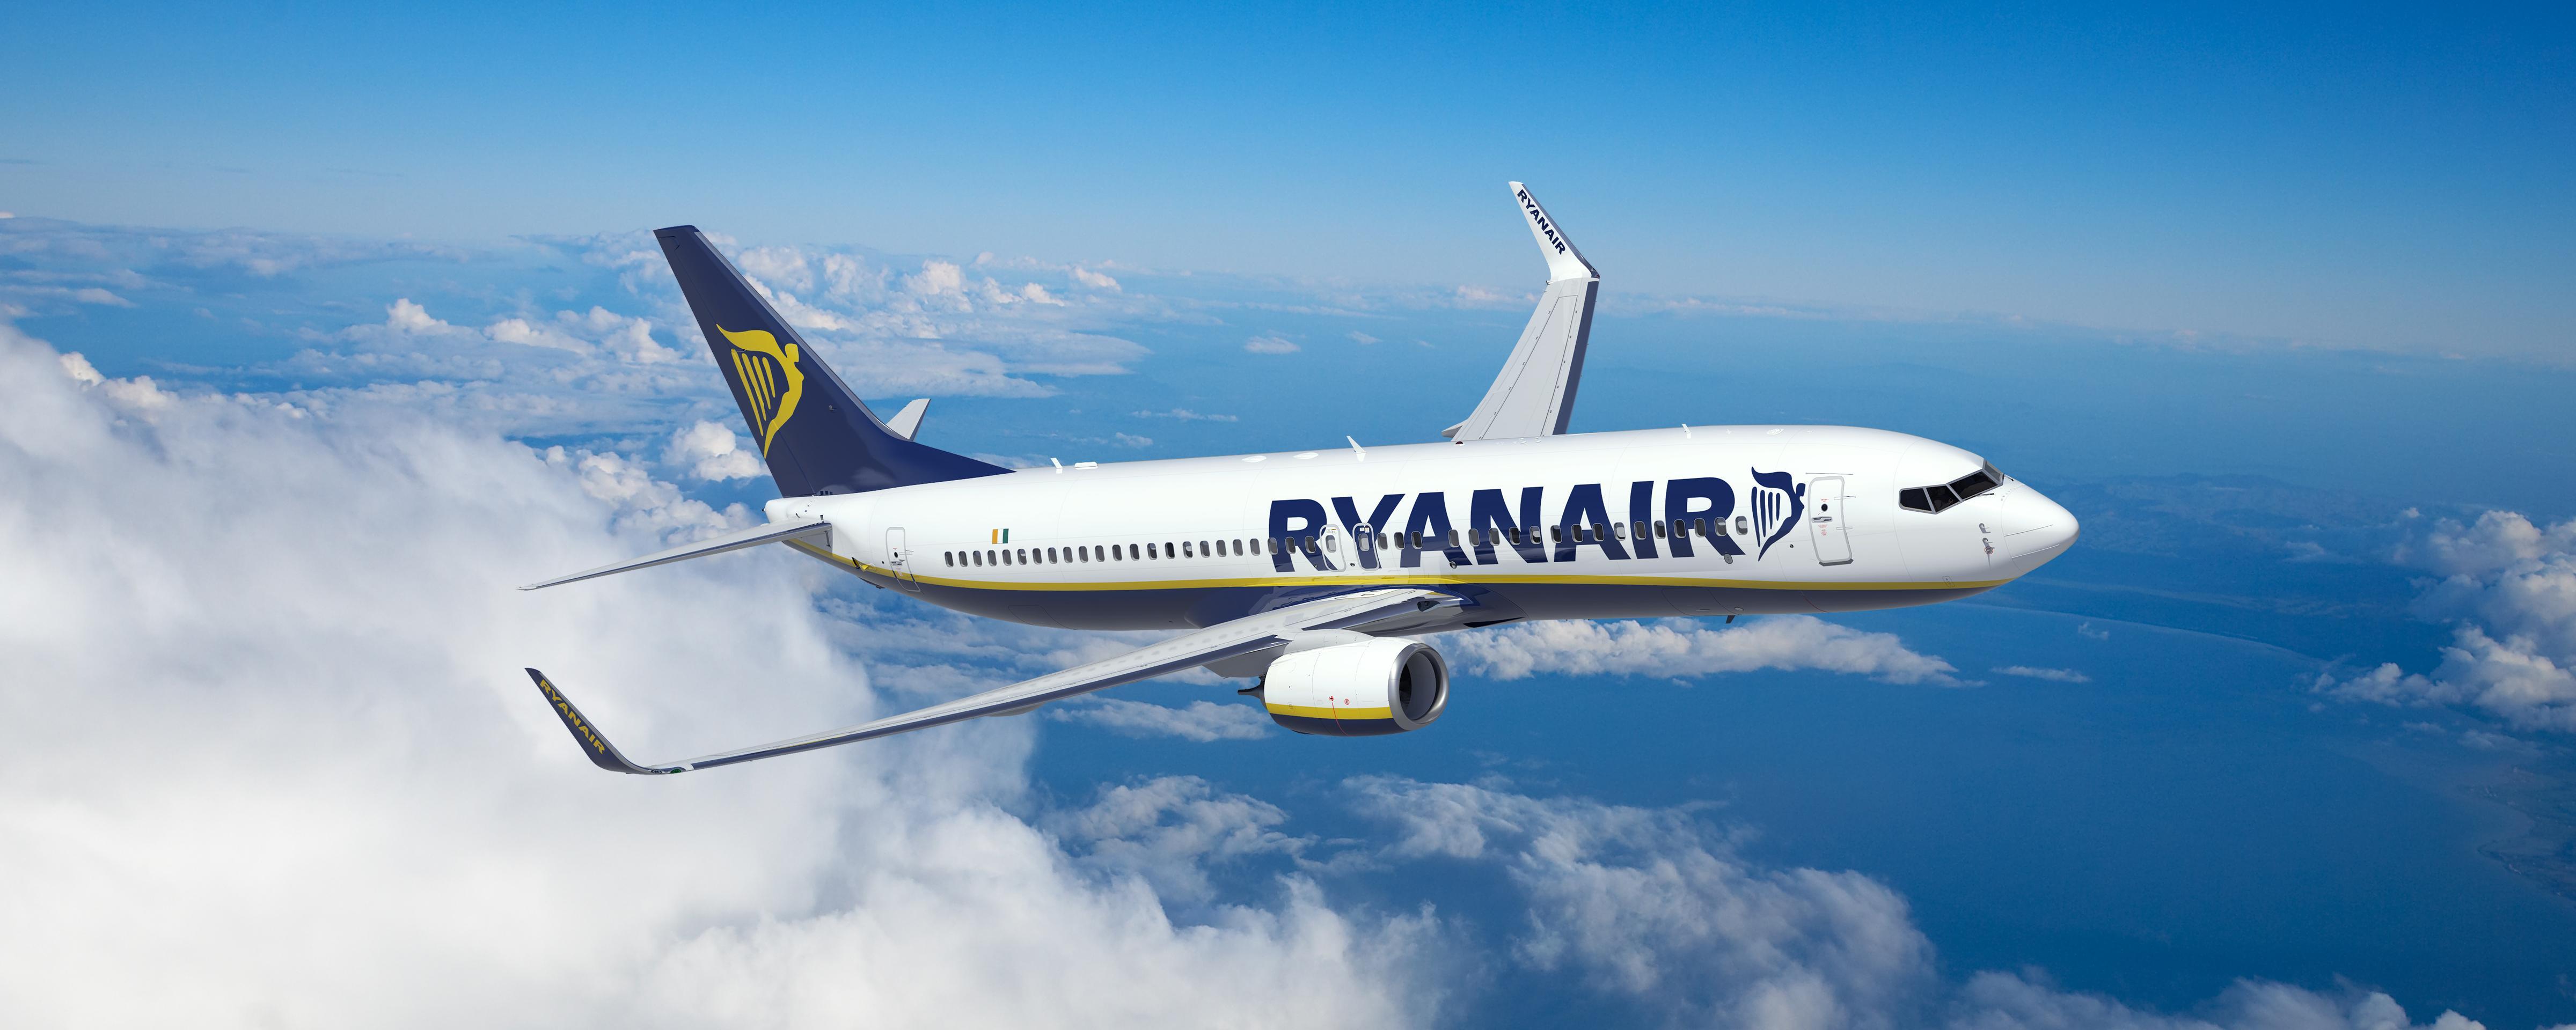 Β-Ε: Επιστρέφουν οι πτήσεις της Ryanair στο Αεροδρόμιο της Banja Luka